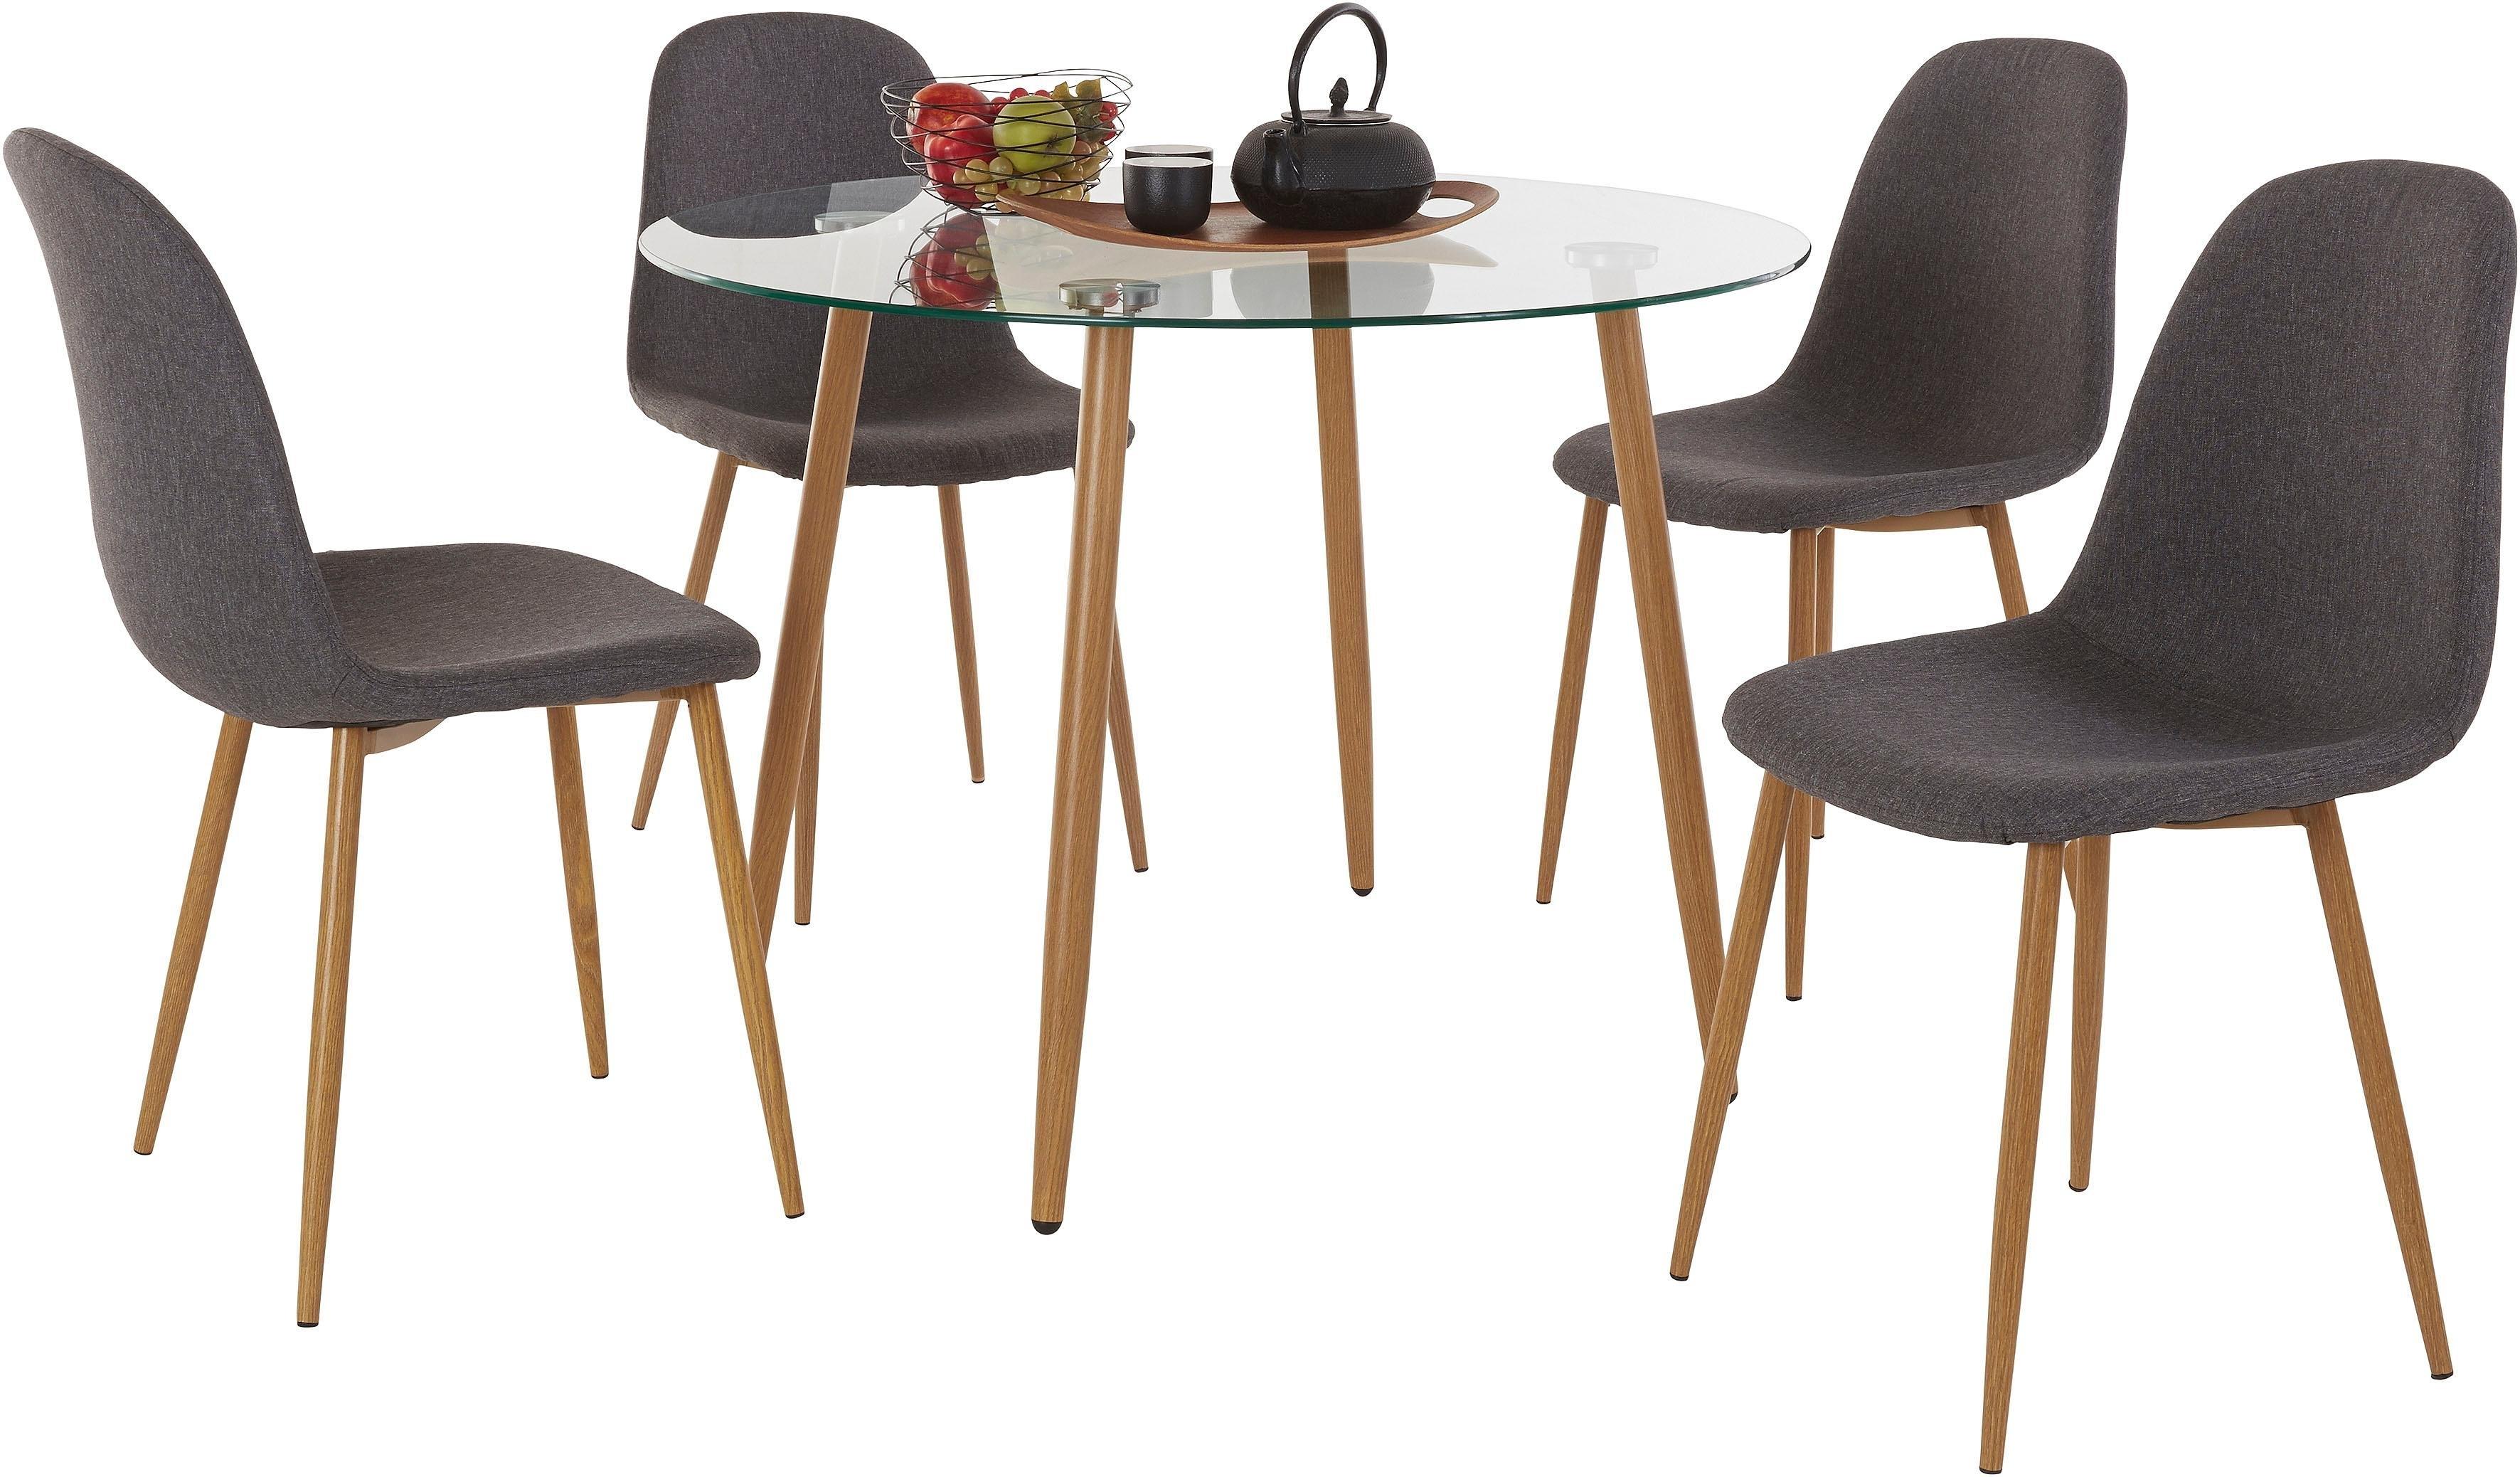 Verwonderlijk Eethoek, ronde glazen tafel met 4 stoelen (weefstof) in de online HT-93